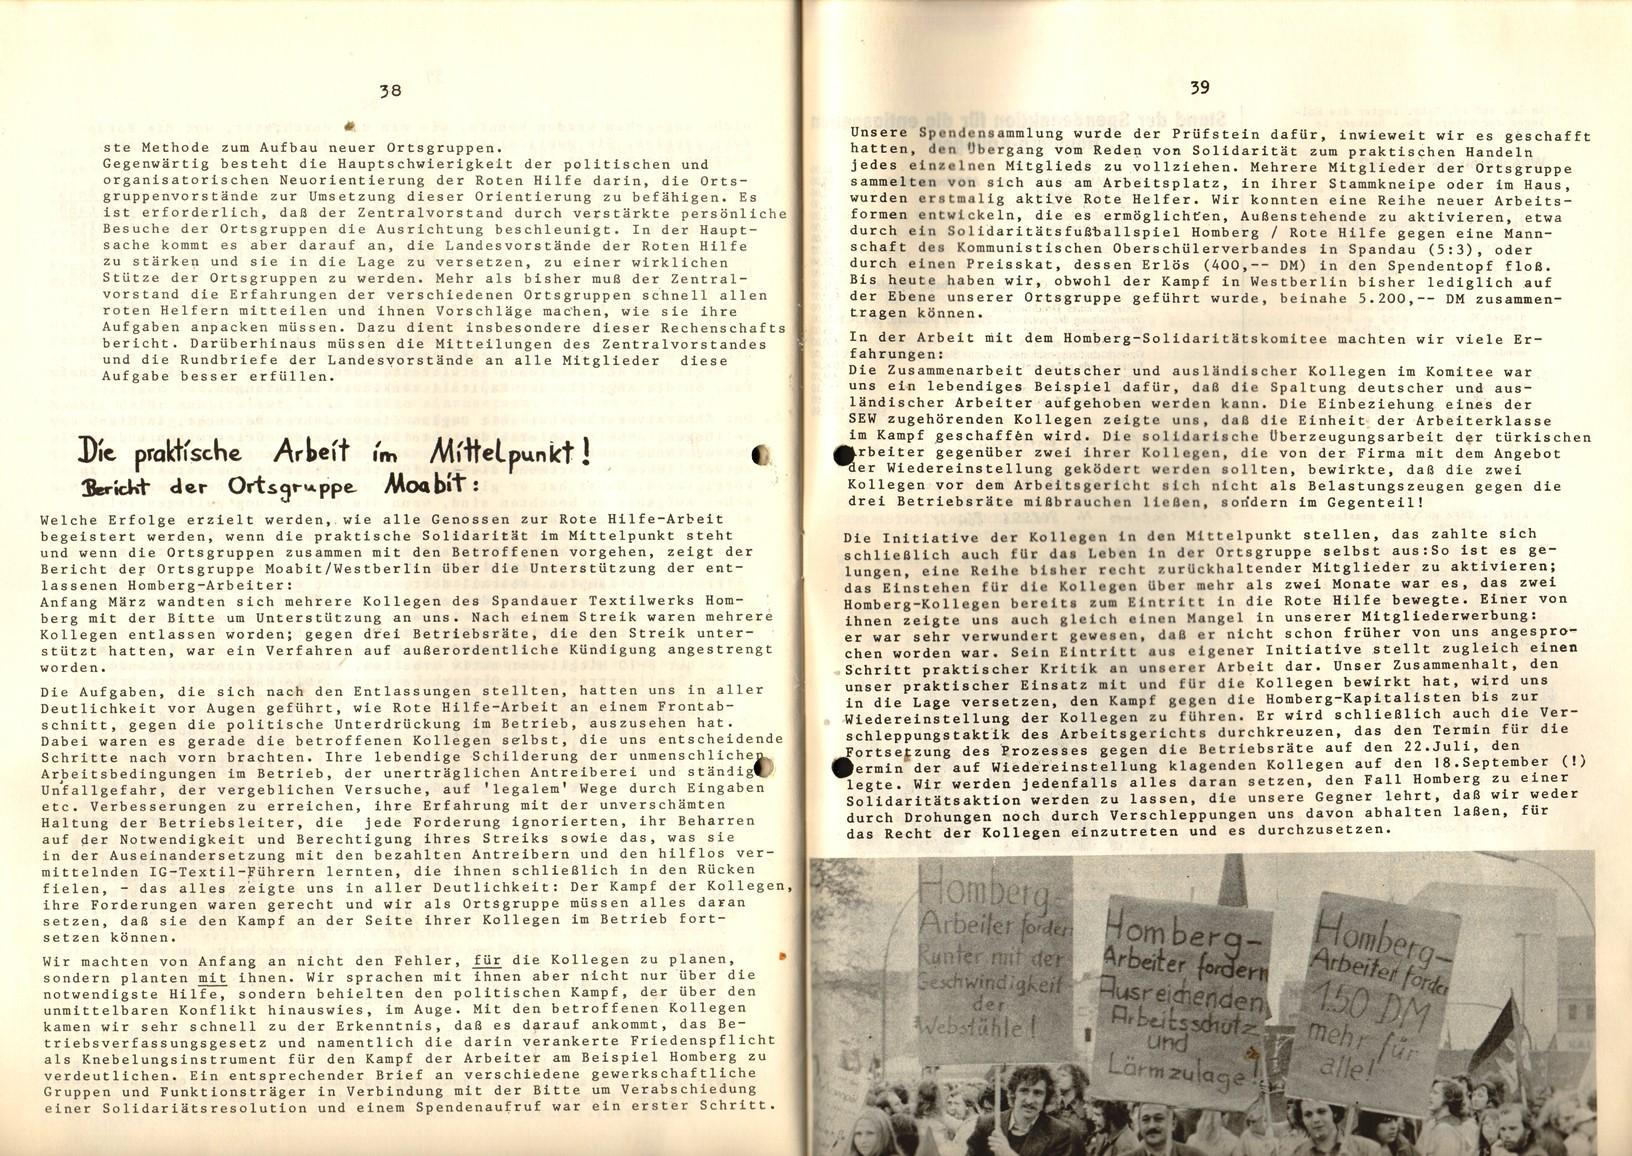 Dortmund_RHev_1974_Rechenschaftsbericht_21